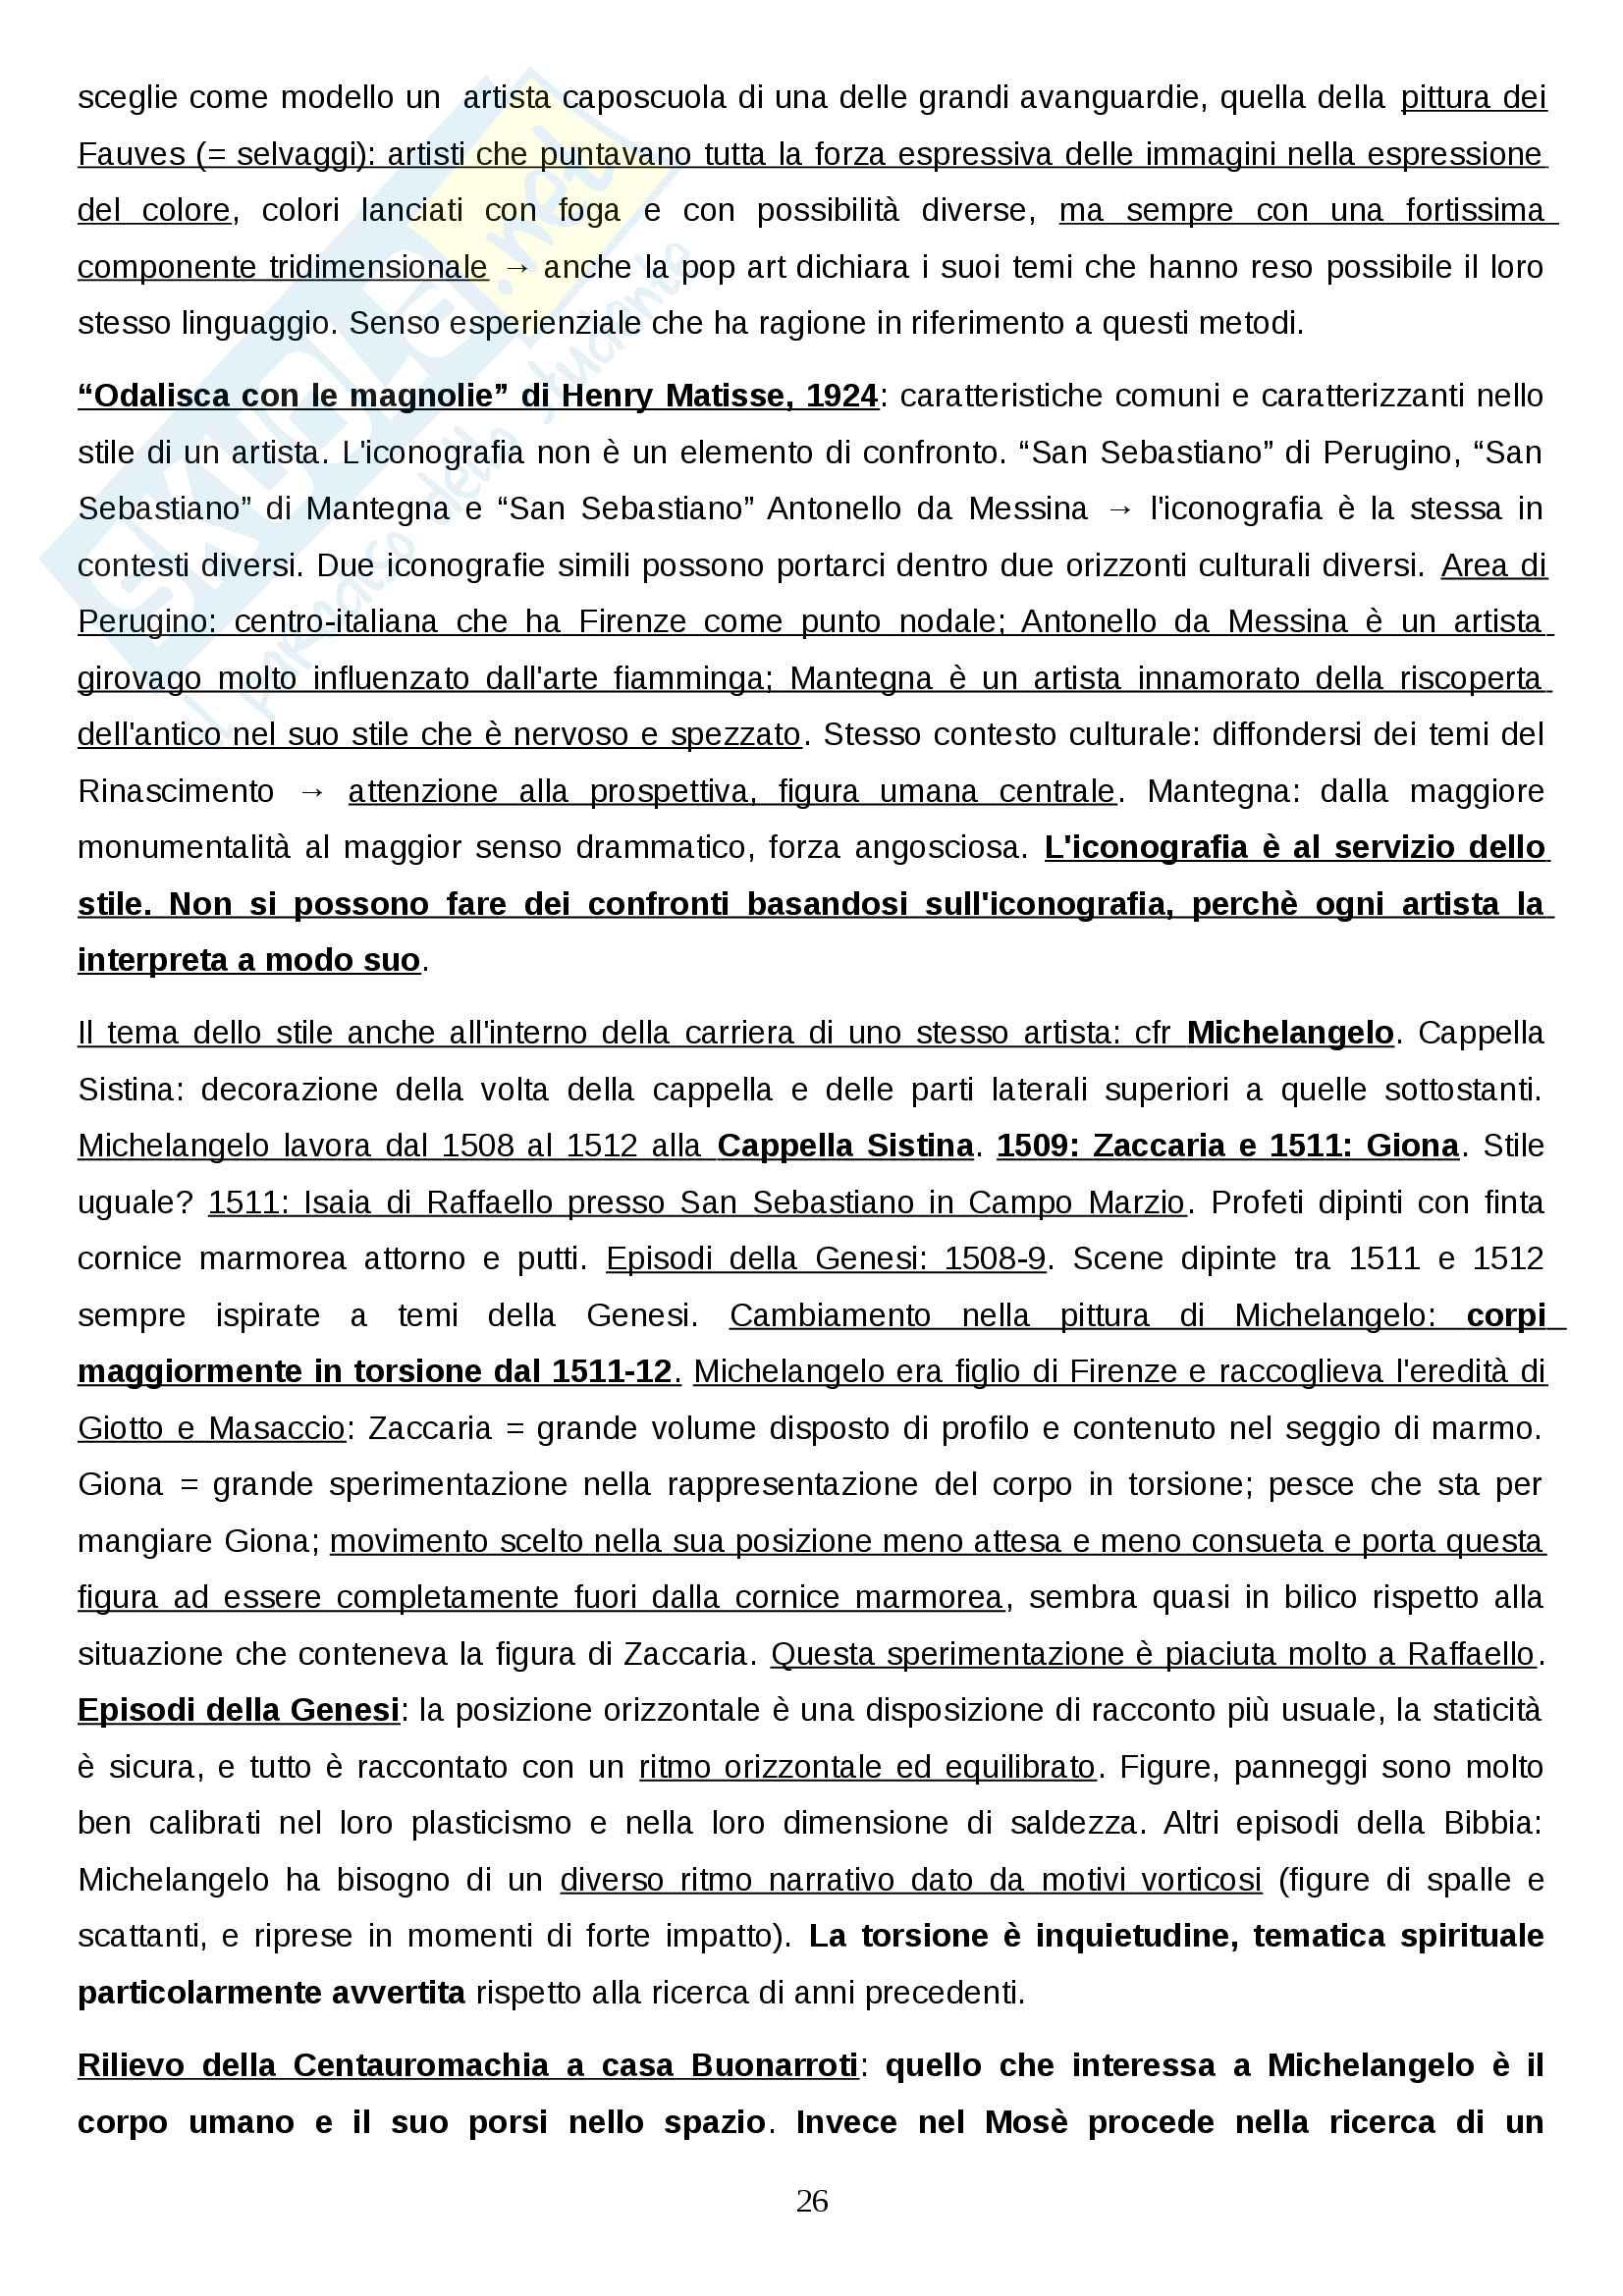 Metodologie della storia dell'arte Pag. 26